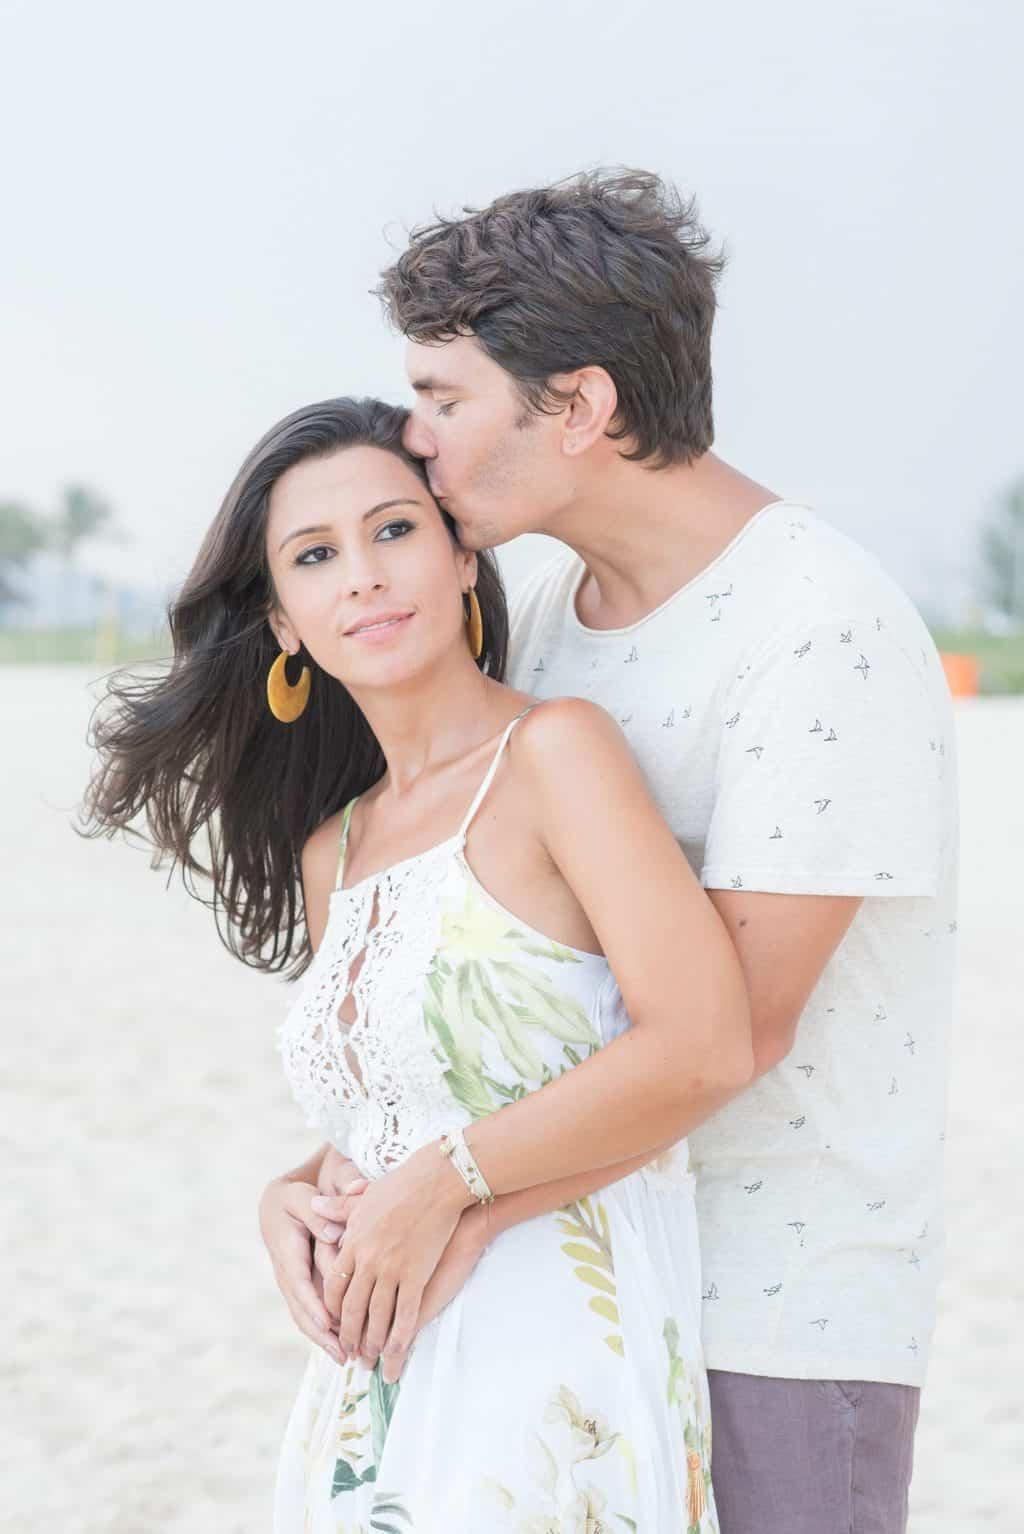 0044_Ensaio-Marina-Vaz-e-Mauricio_Pre-Wedding-Marina-Fava-Poses-CaseMe3702-x-5545